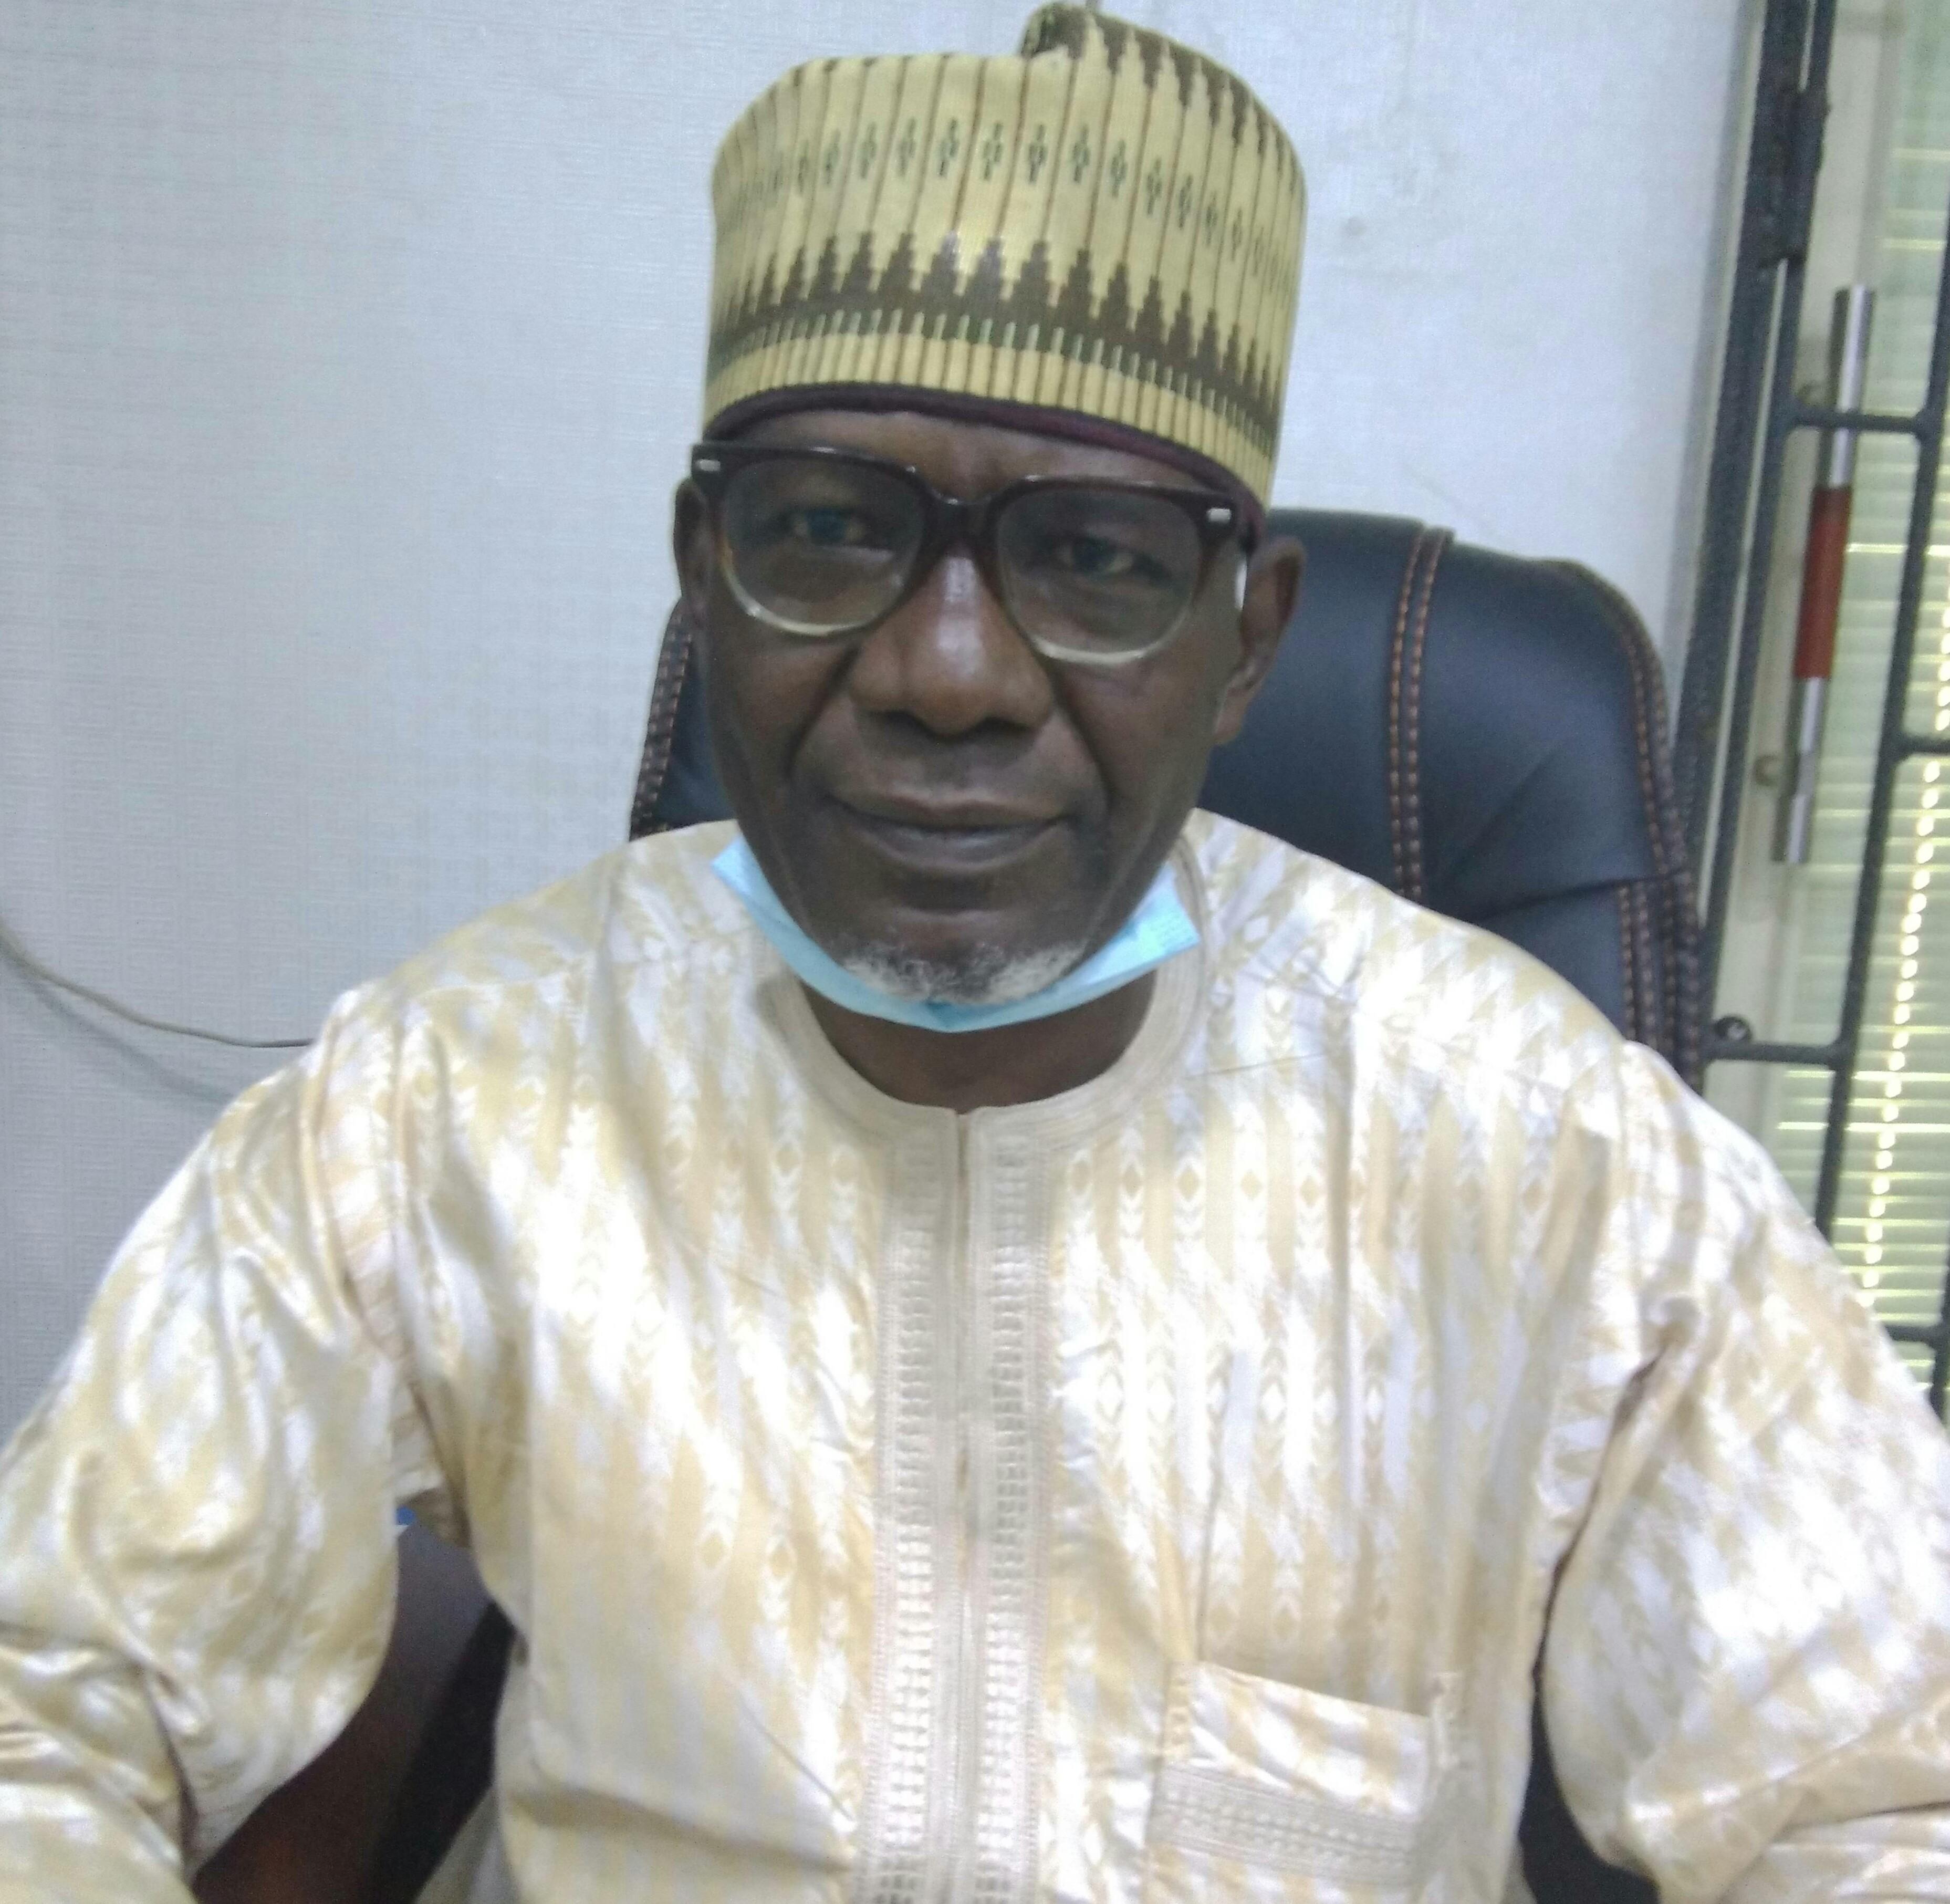 President ABCON, Aminu Gwadabe